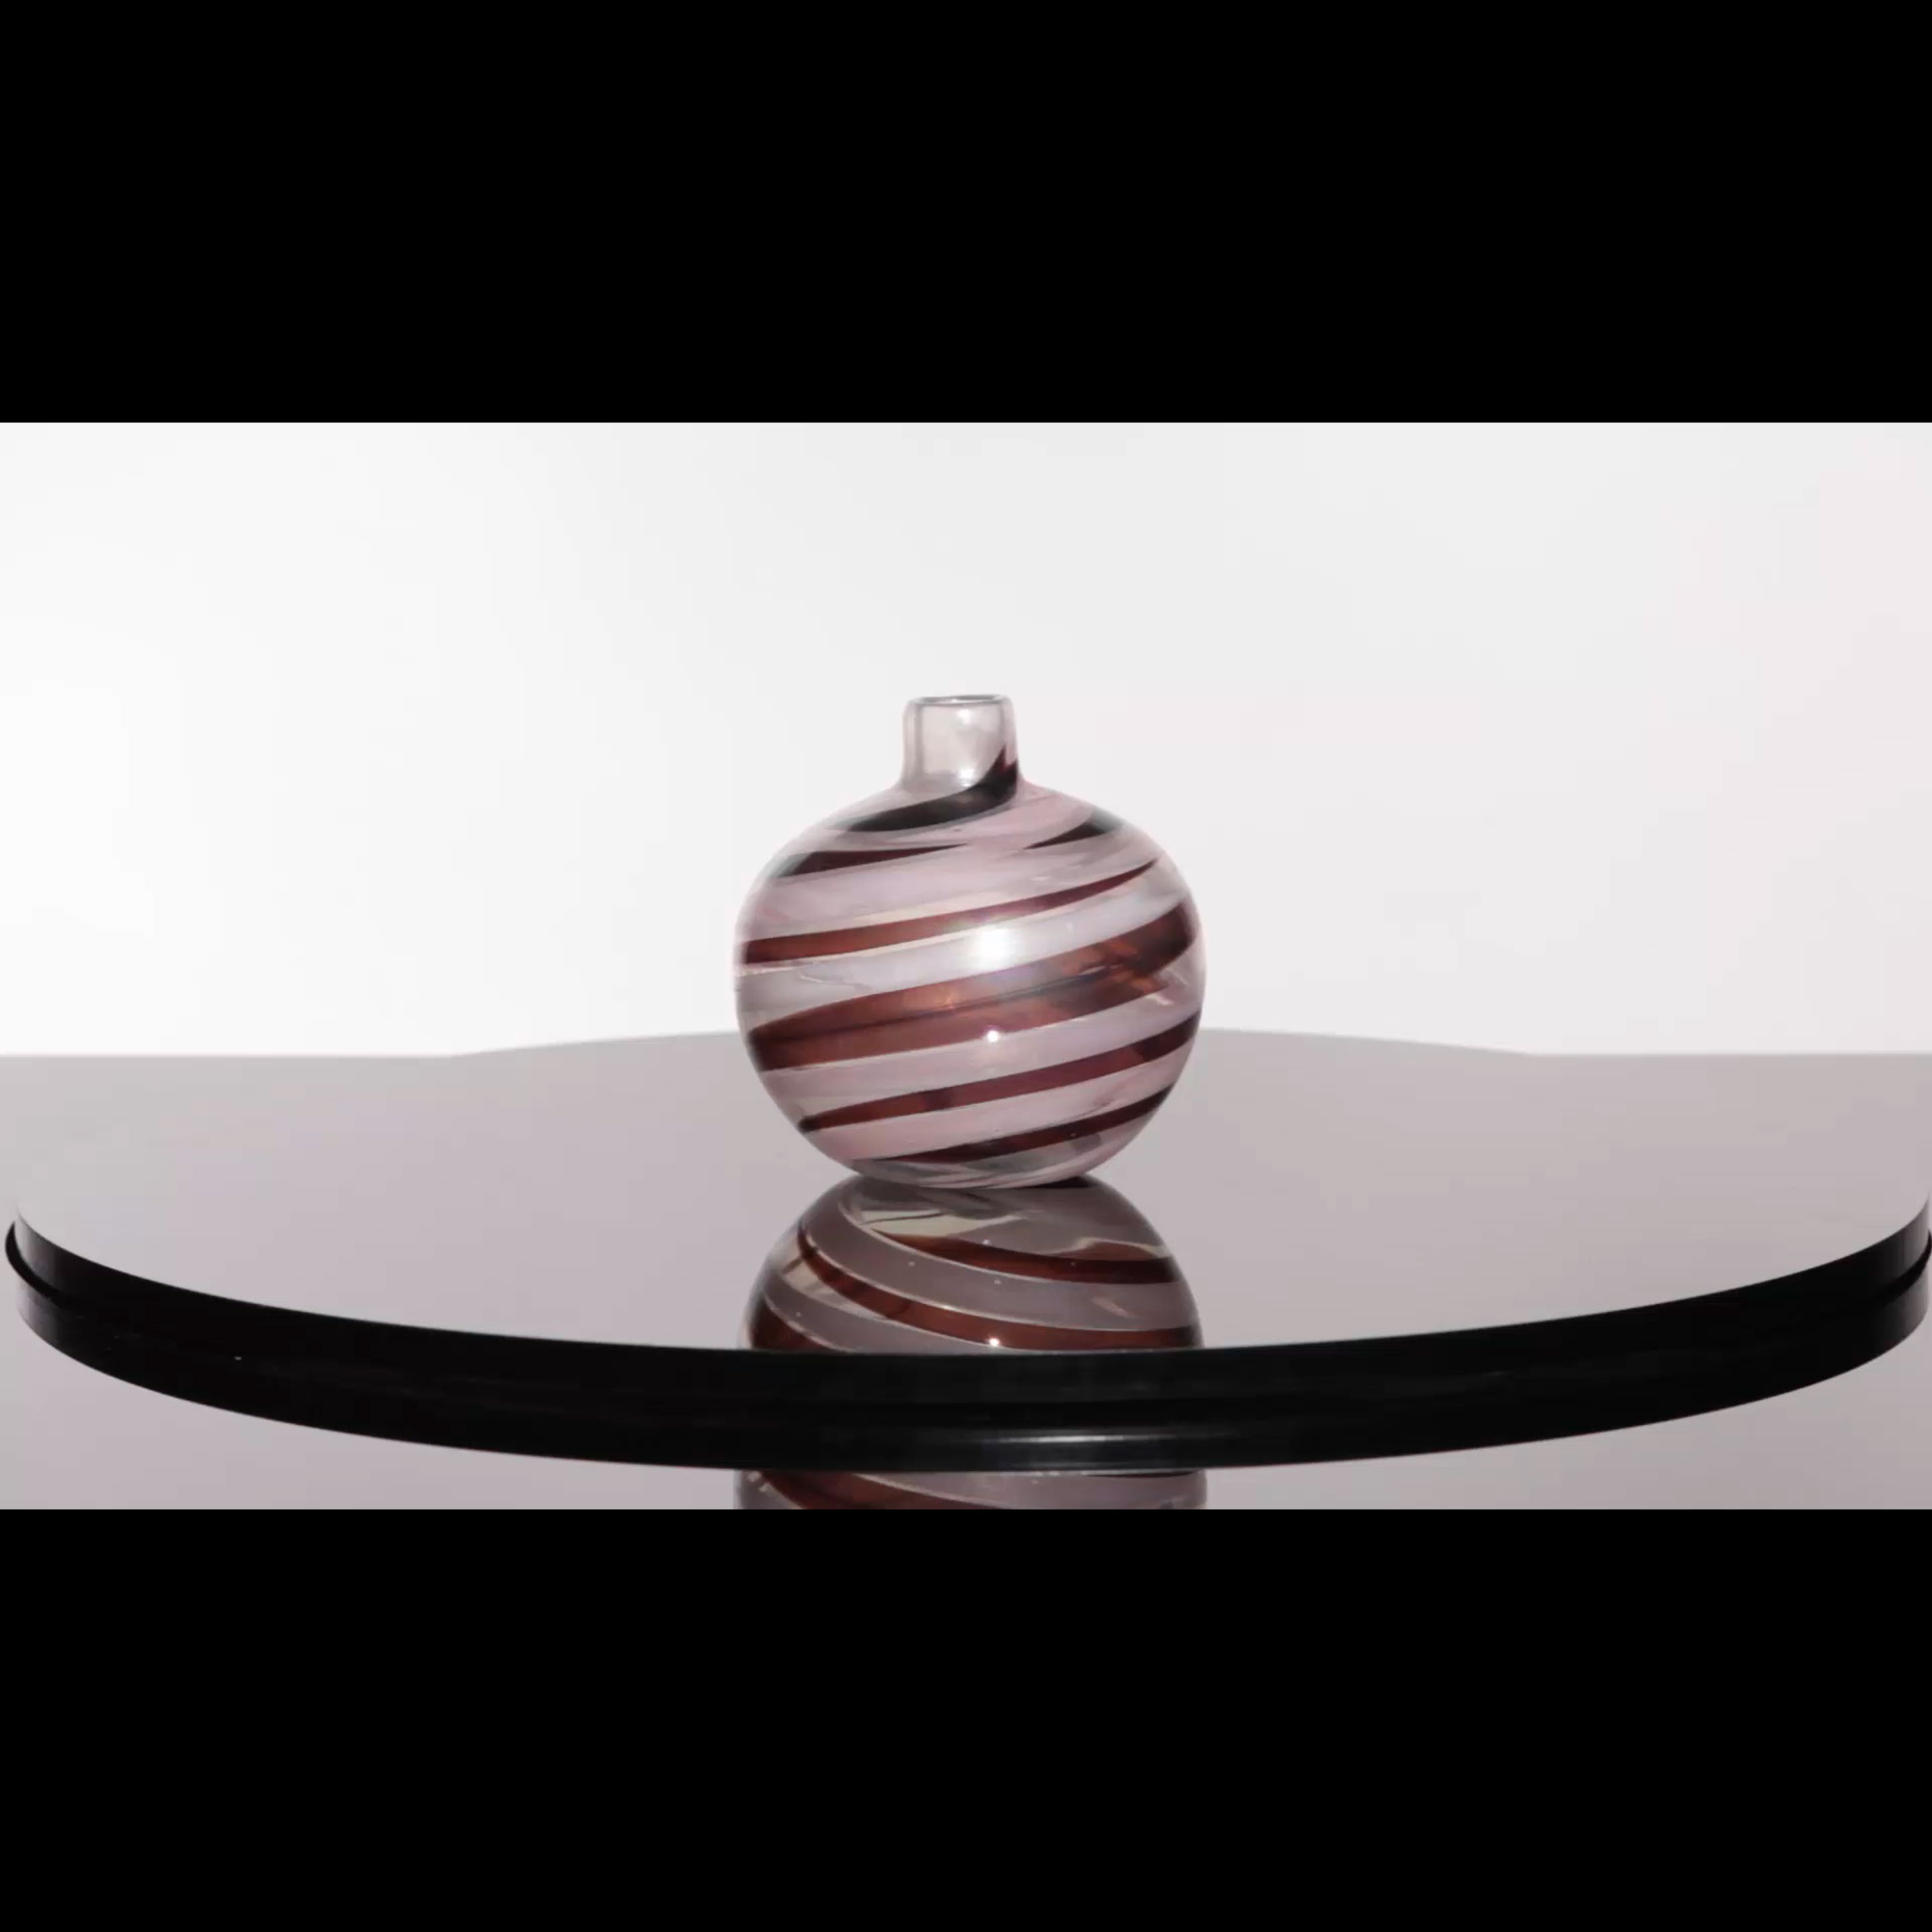 42: Carlo Scarpa / Rare Pennellate vase, model 3788 (1 of 3)